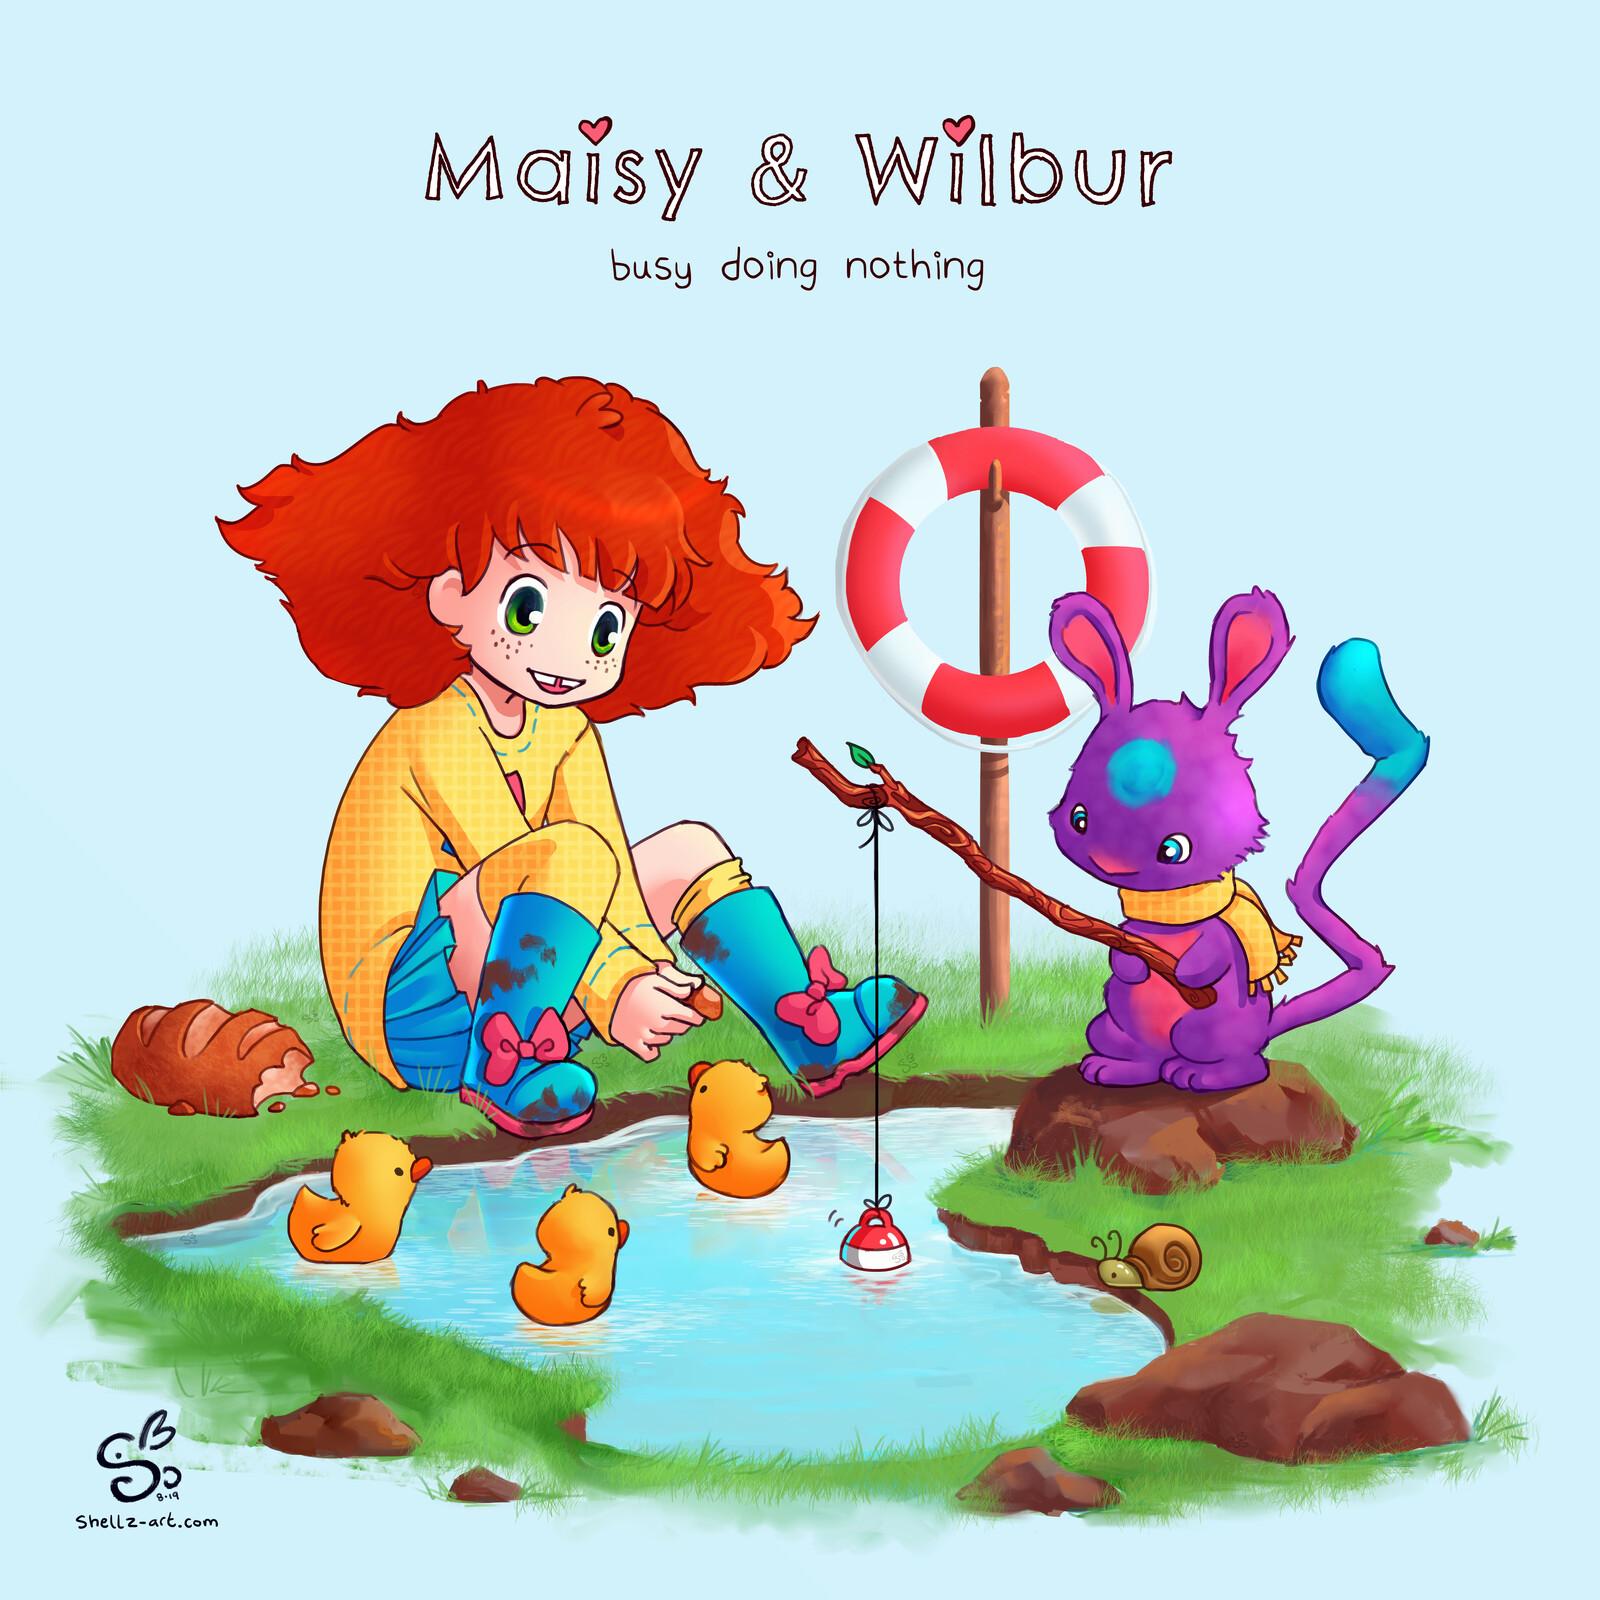 Maisy & Wilbur